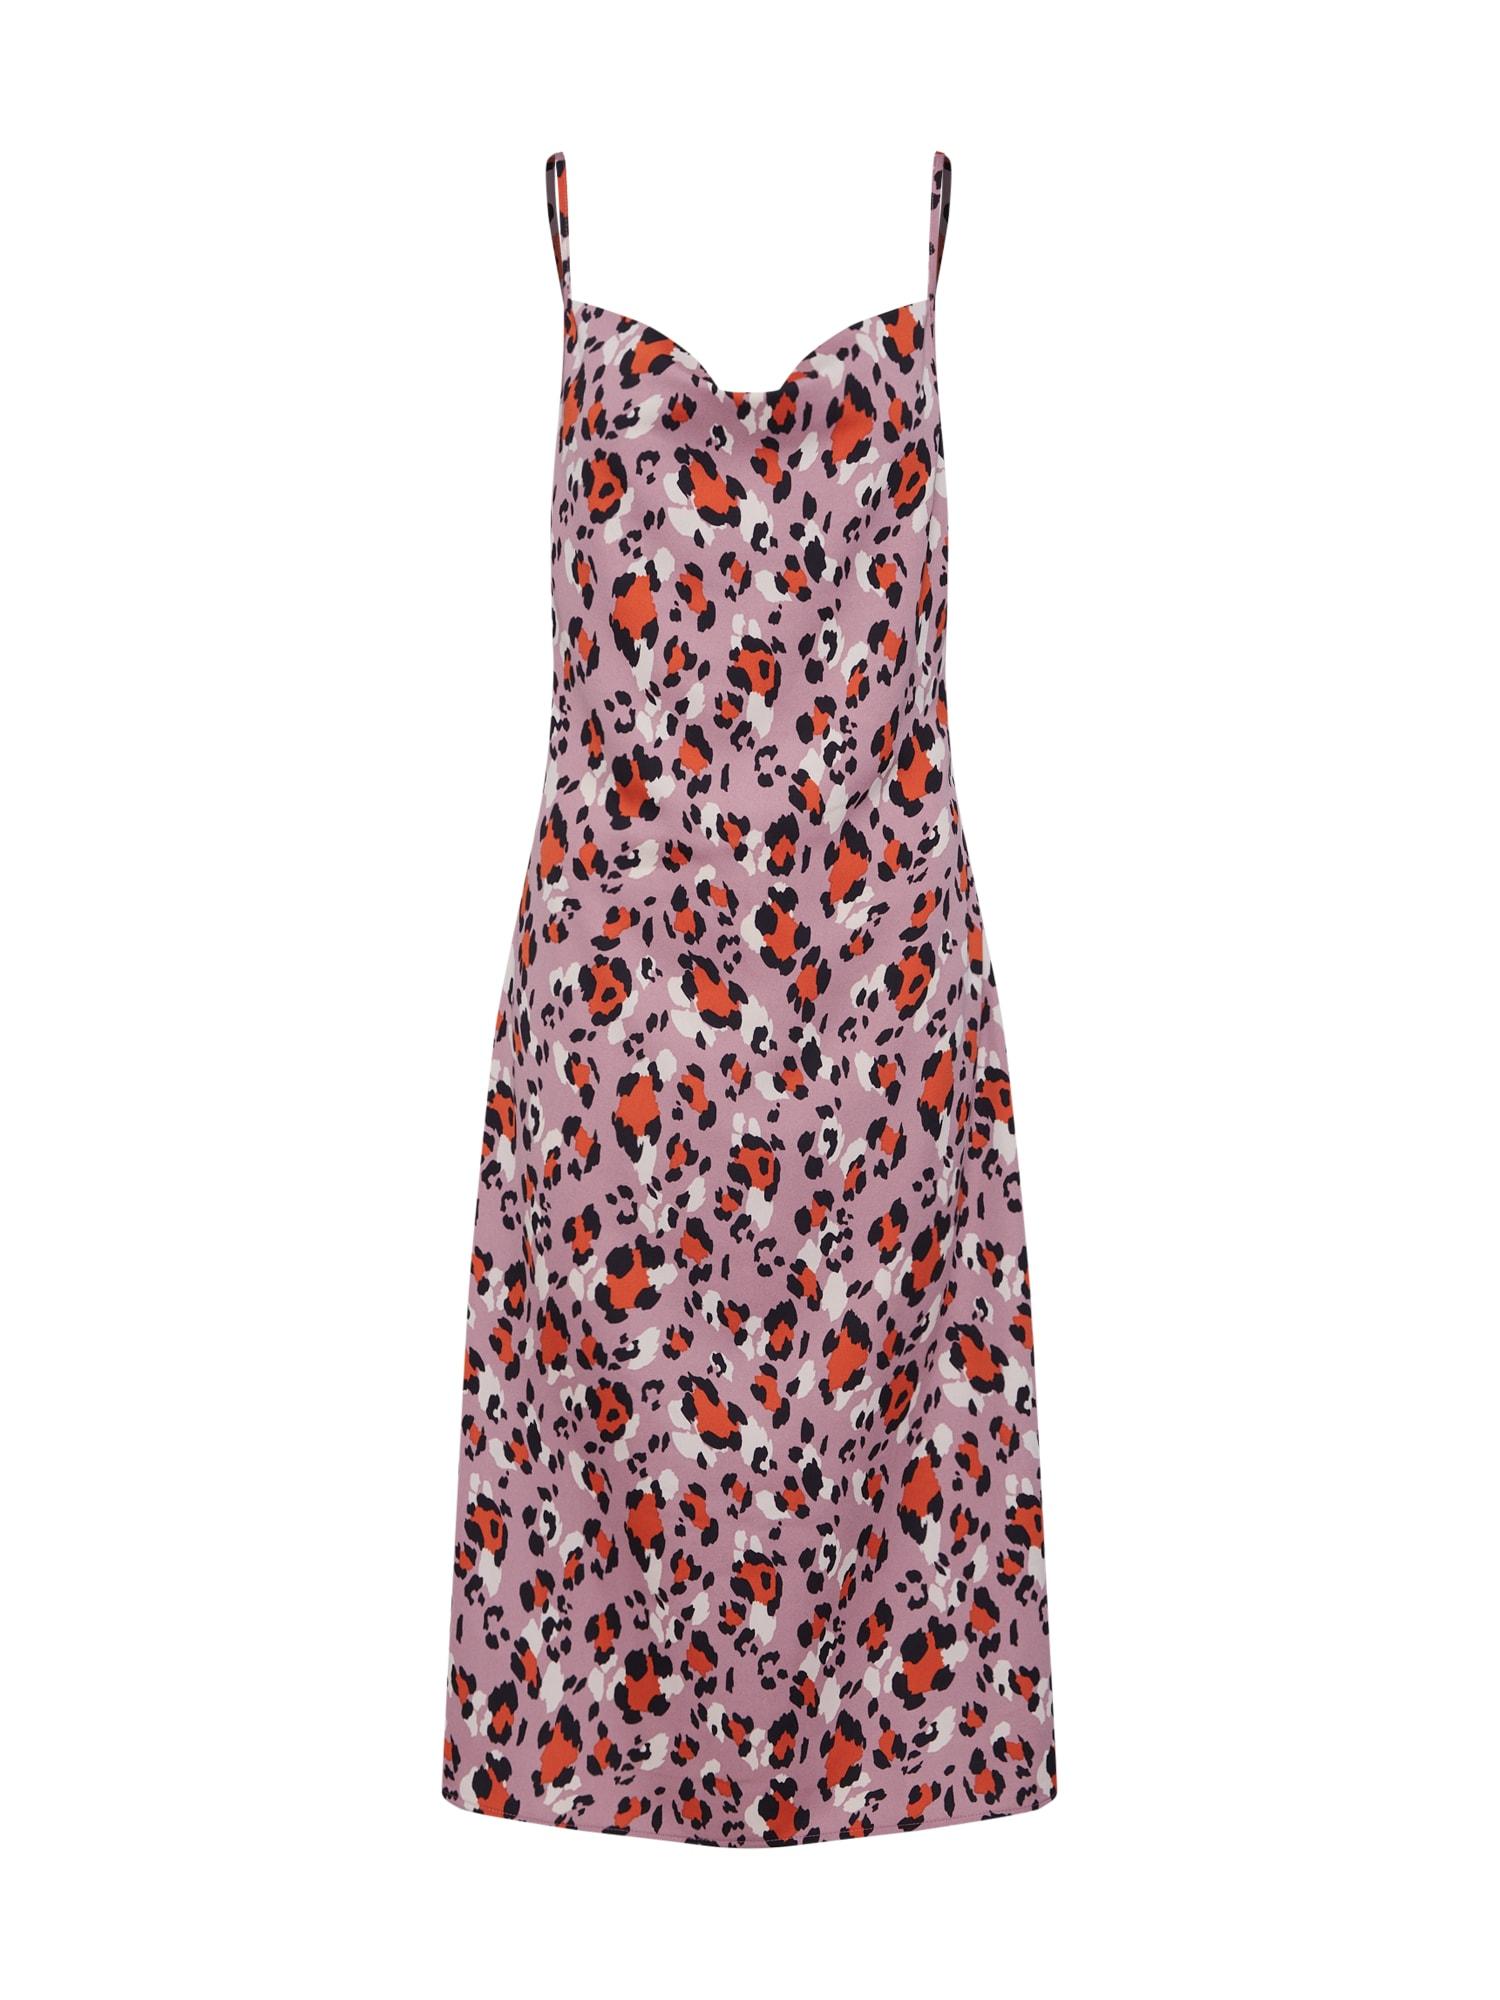 Šaty Belle Dress fialová oranžová pink 4th & Reckless